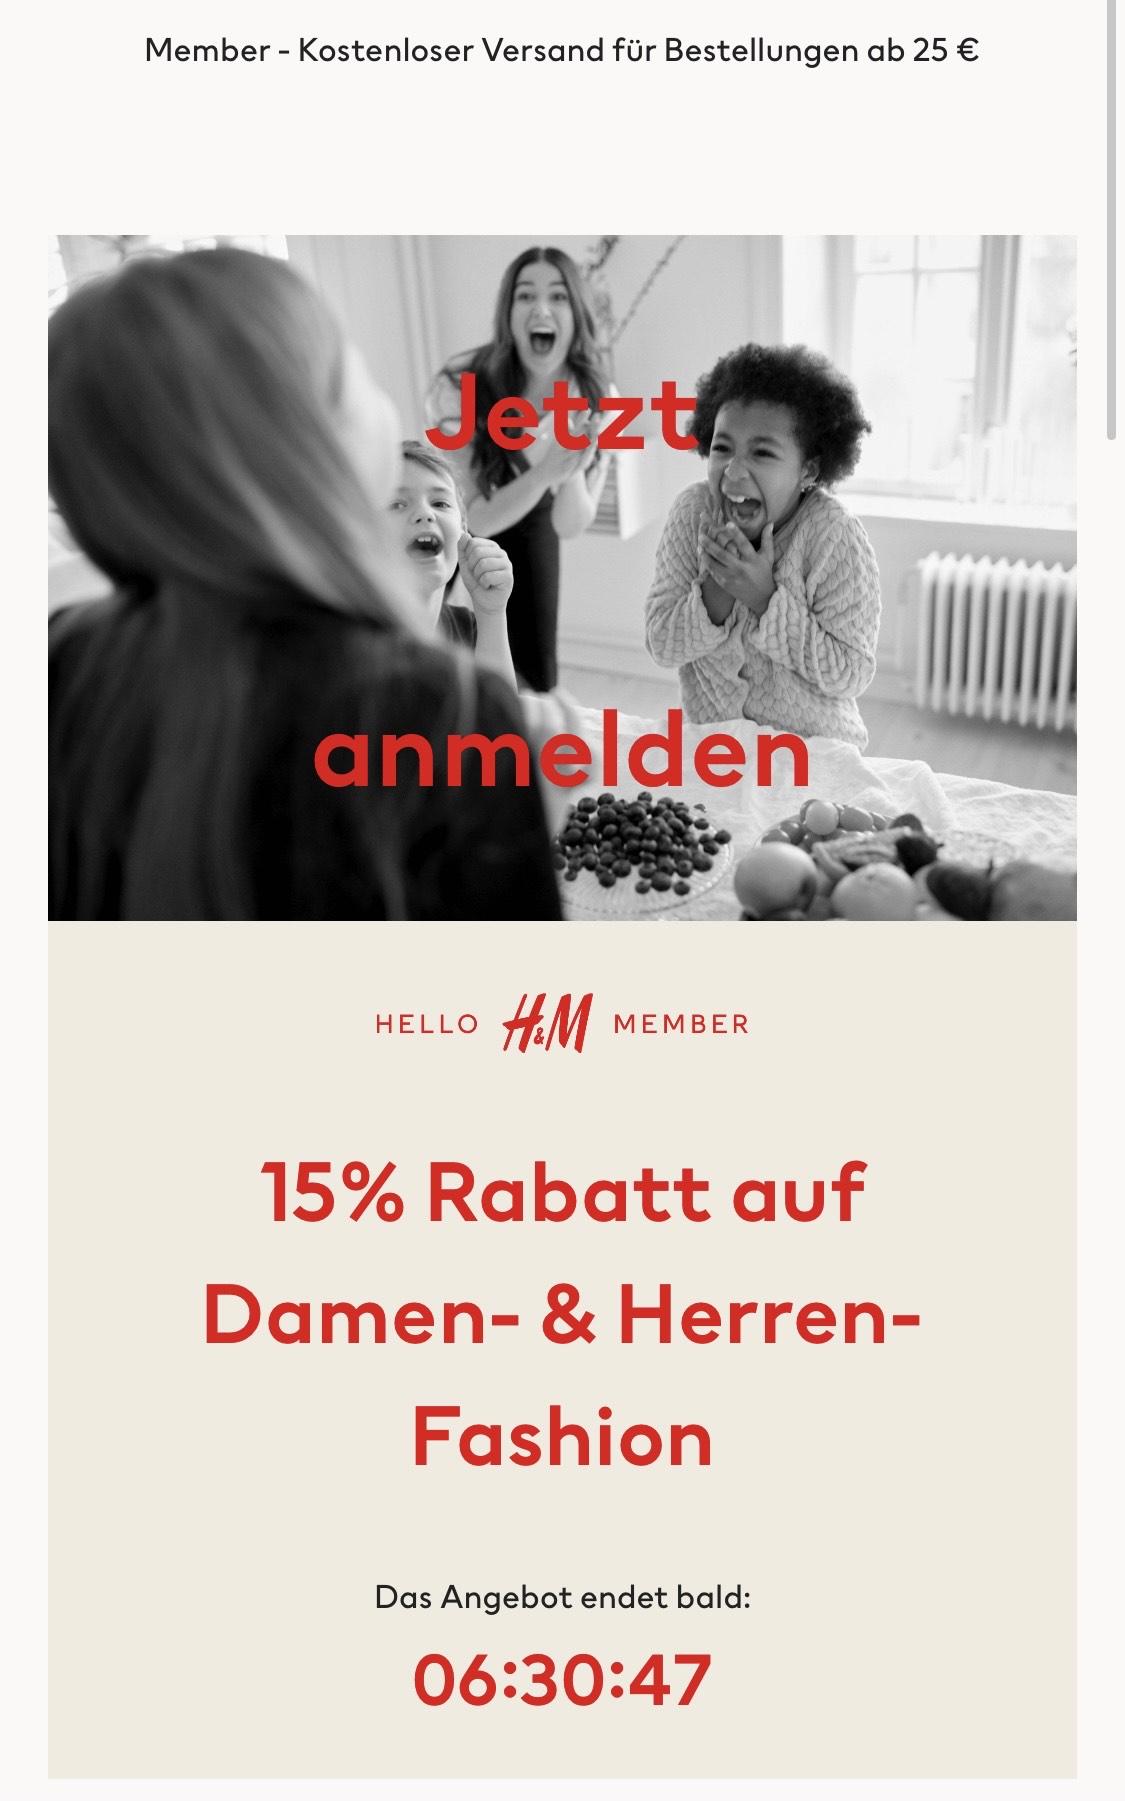 H&M 15% Rabatt auf Damen und Herren-Fashion